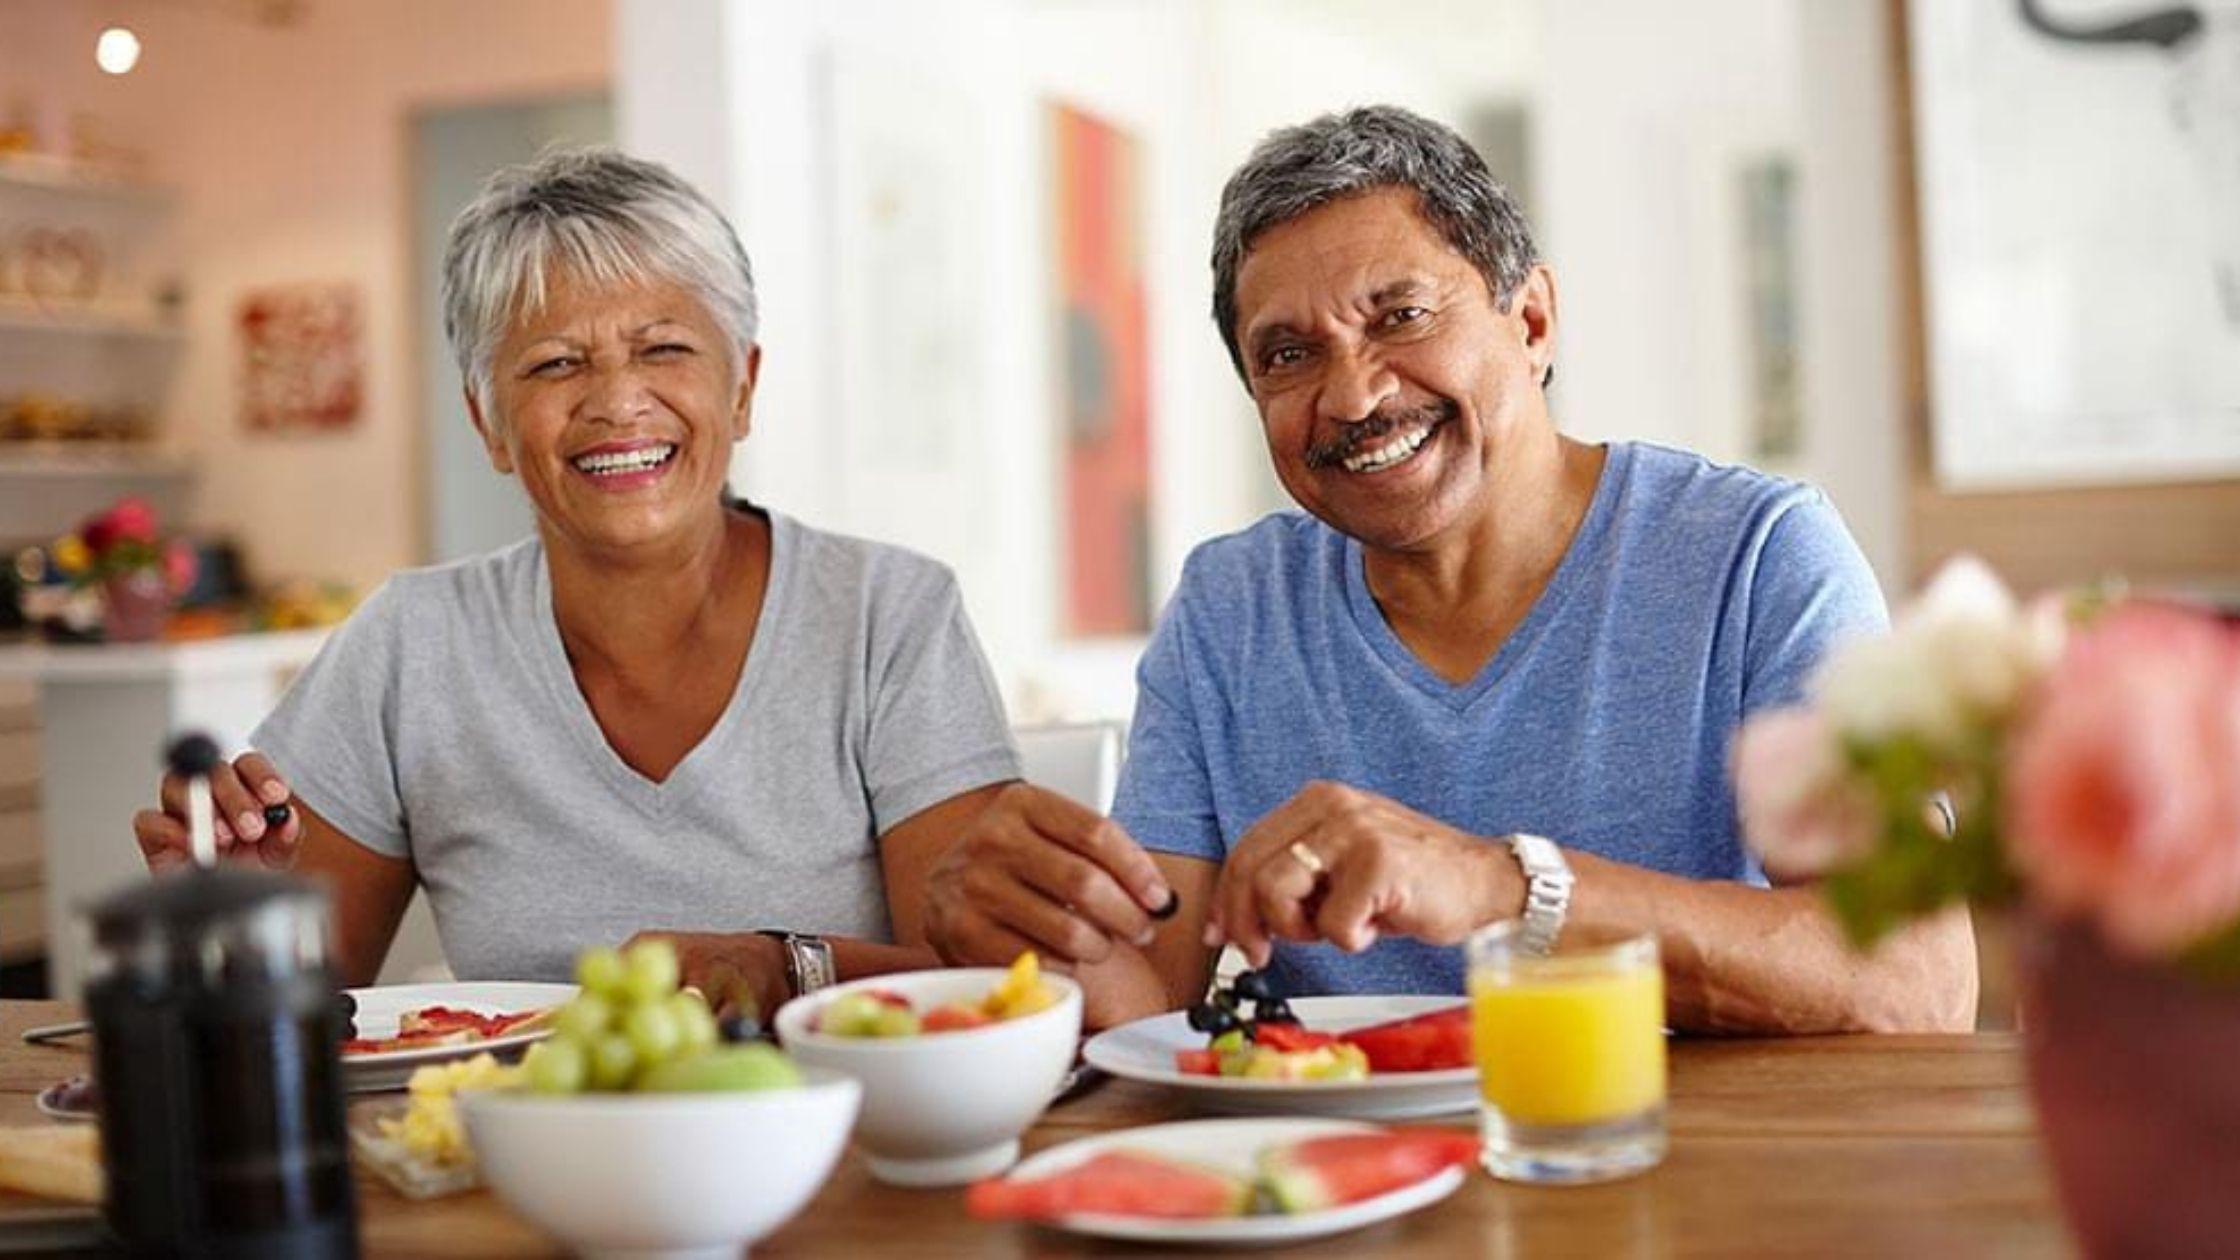 Ketogenic Diet For Older People